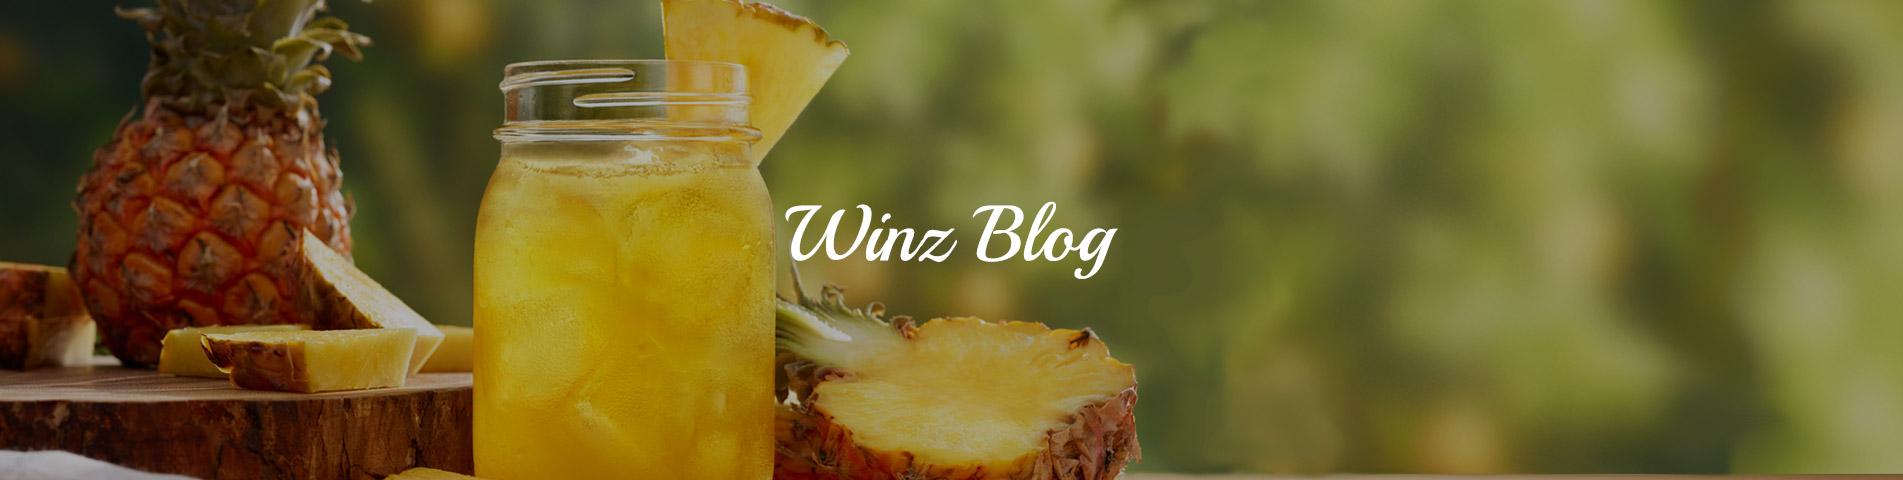 Winz Blog